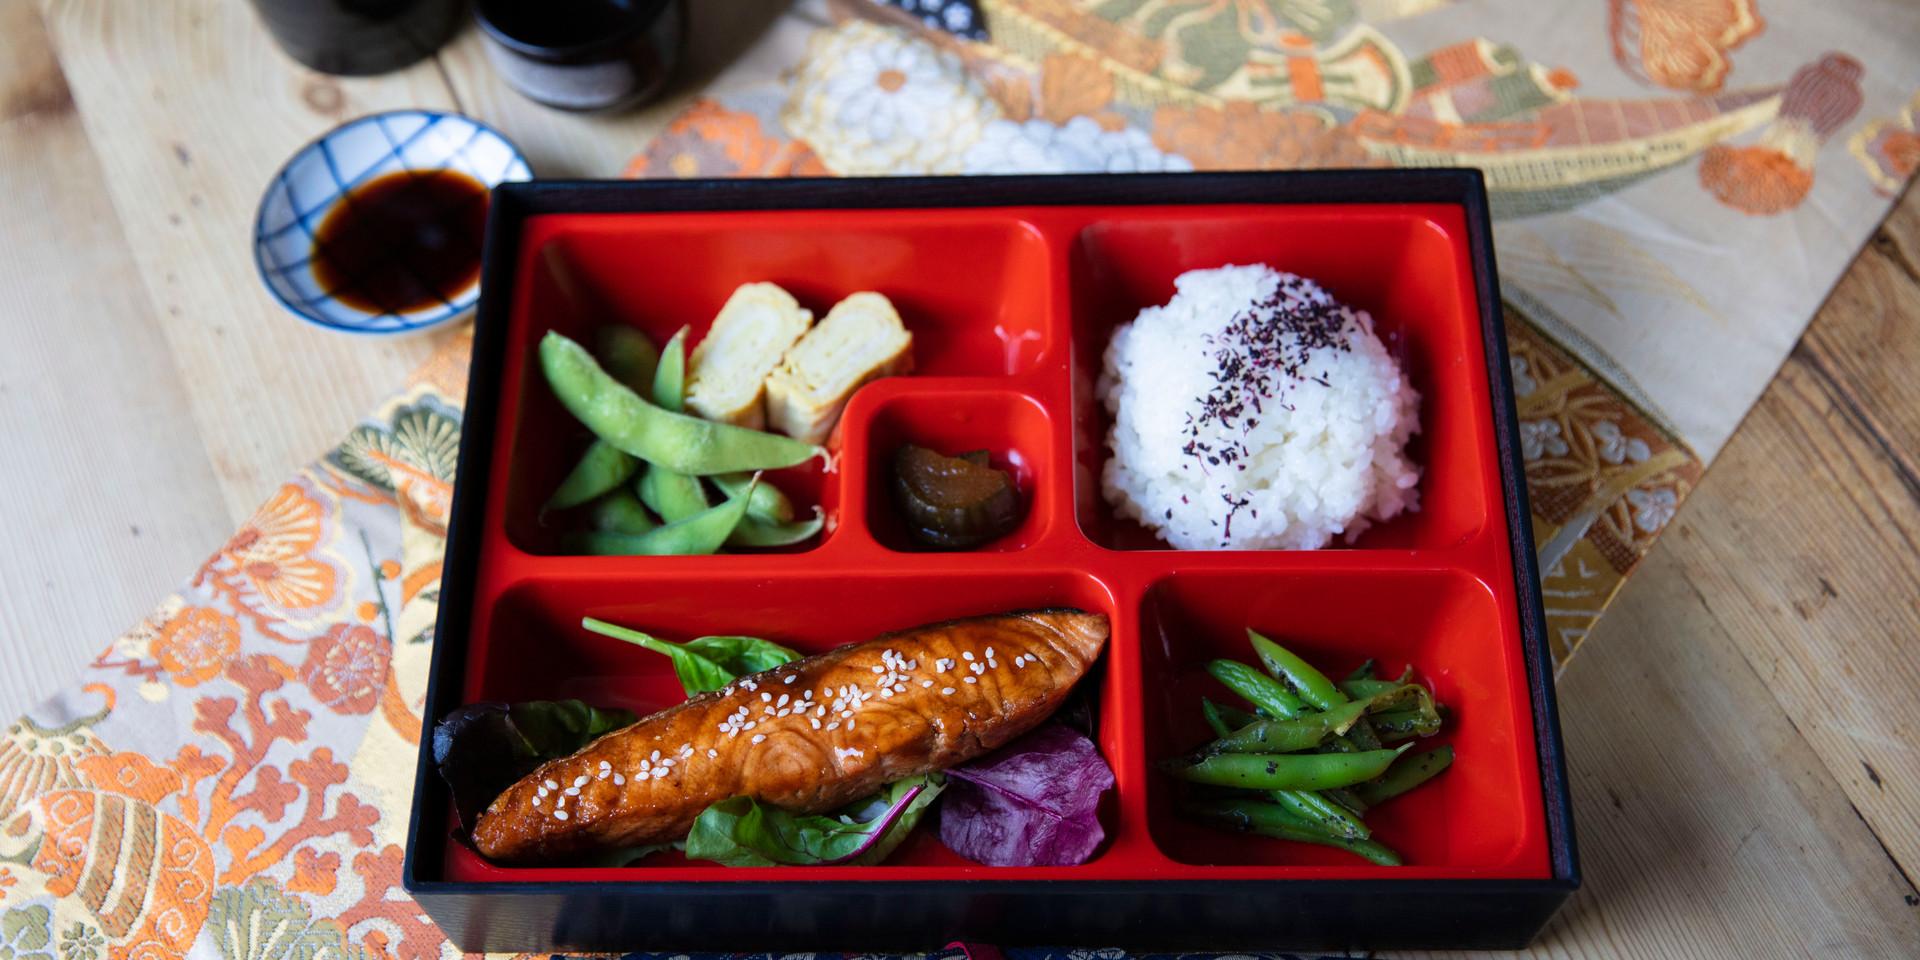 ARIGATO JAPANESE CUISINE - SALMON TERIYAKI BENTO BOX